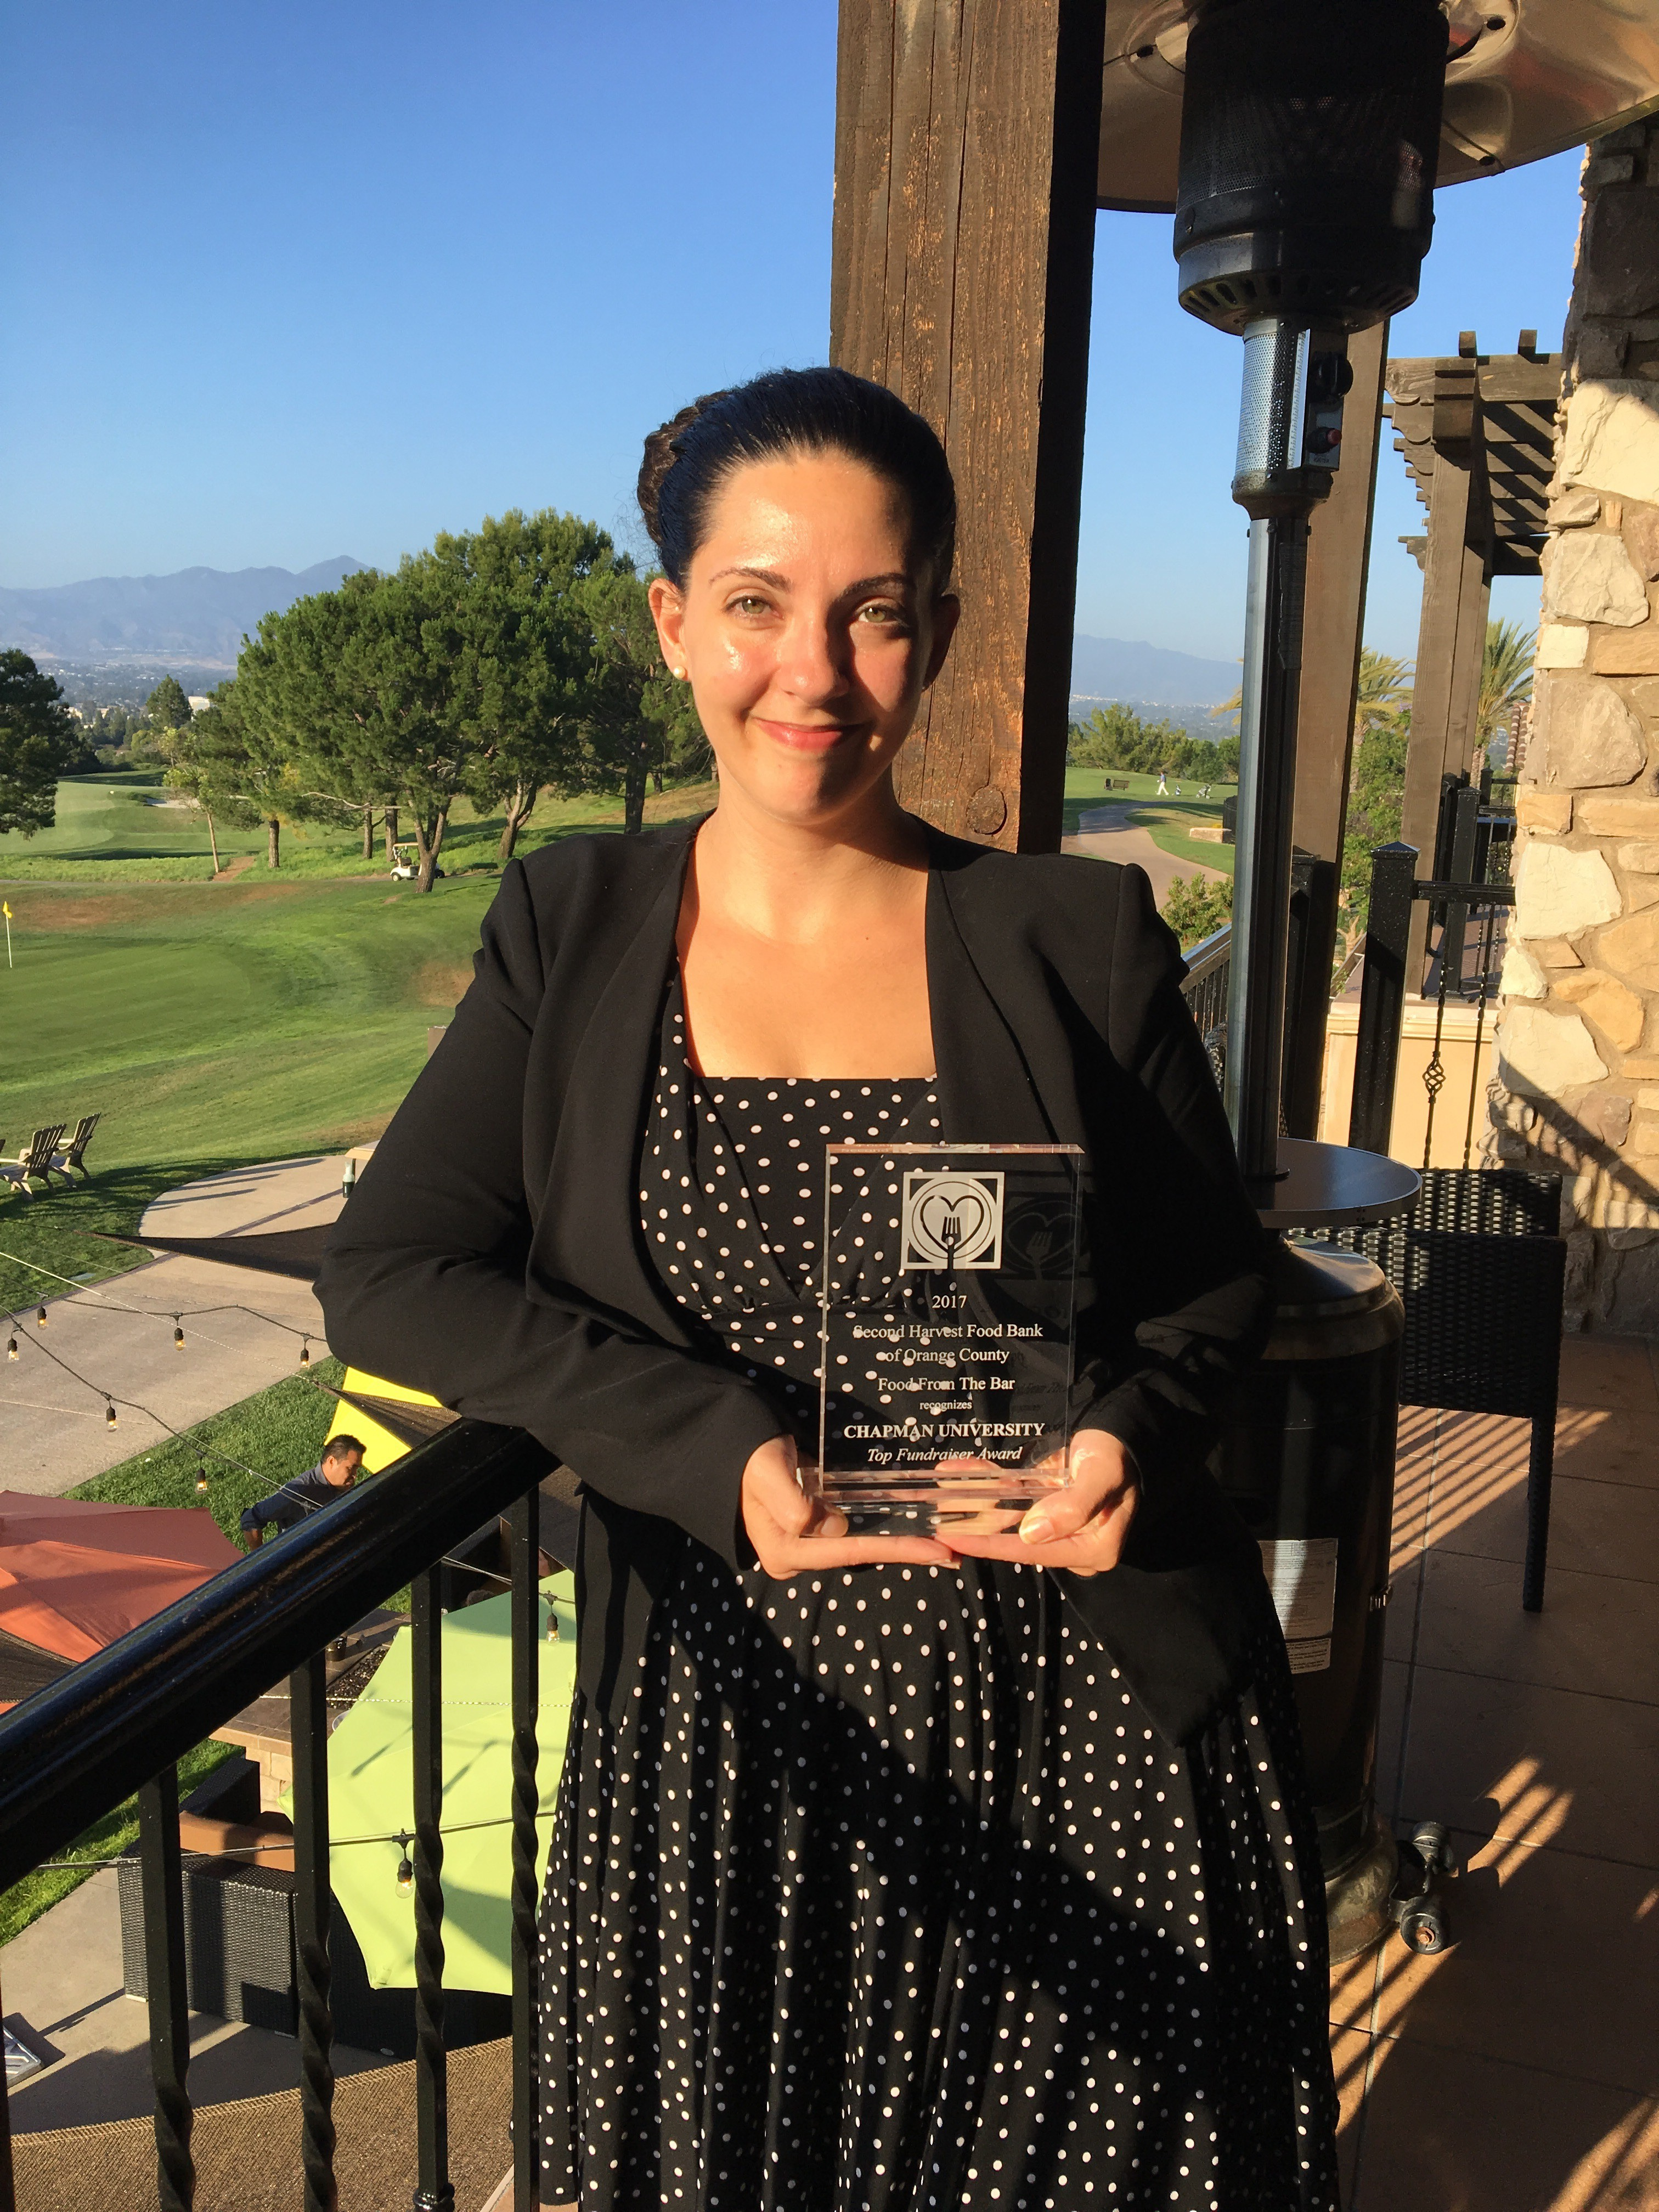 alumna receives award